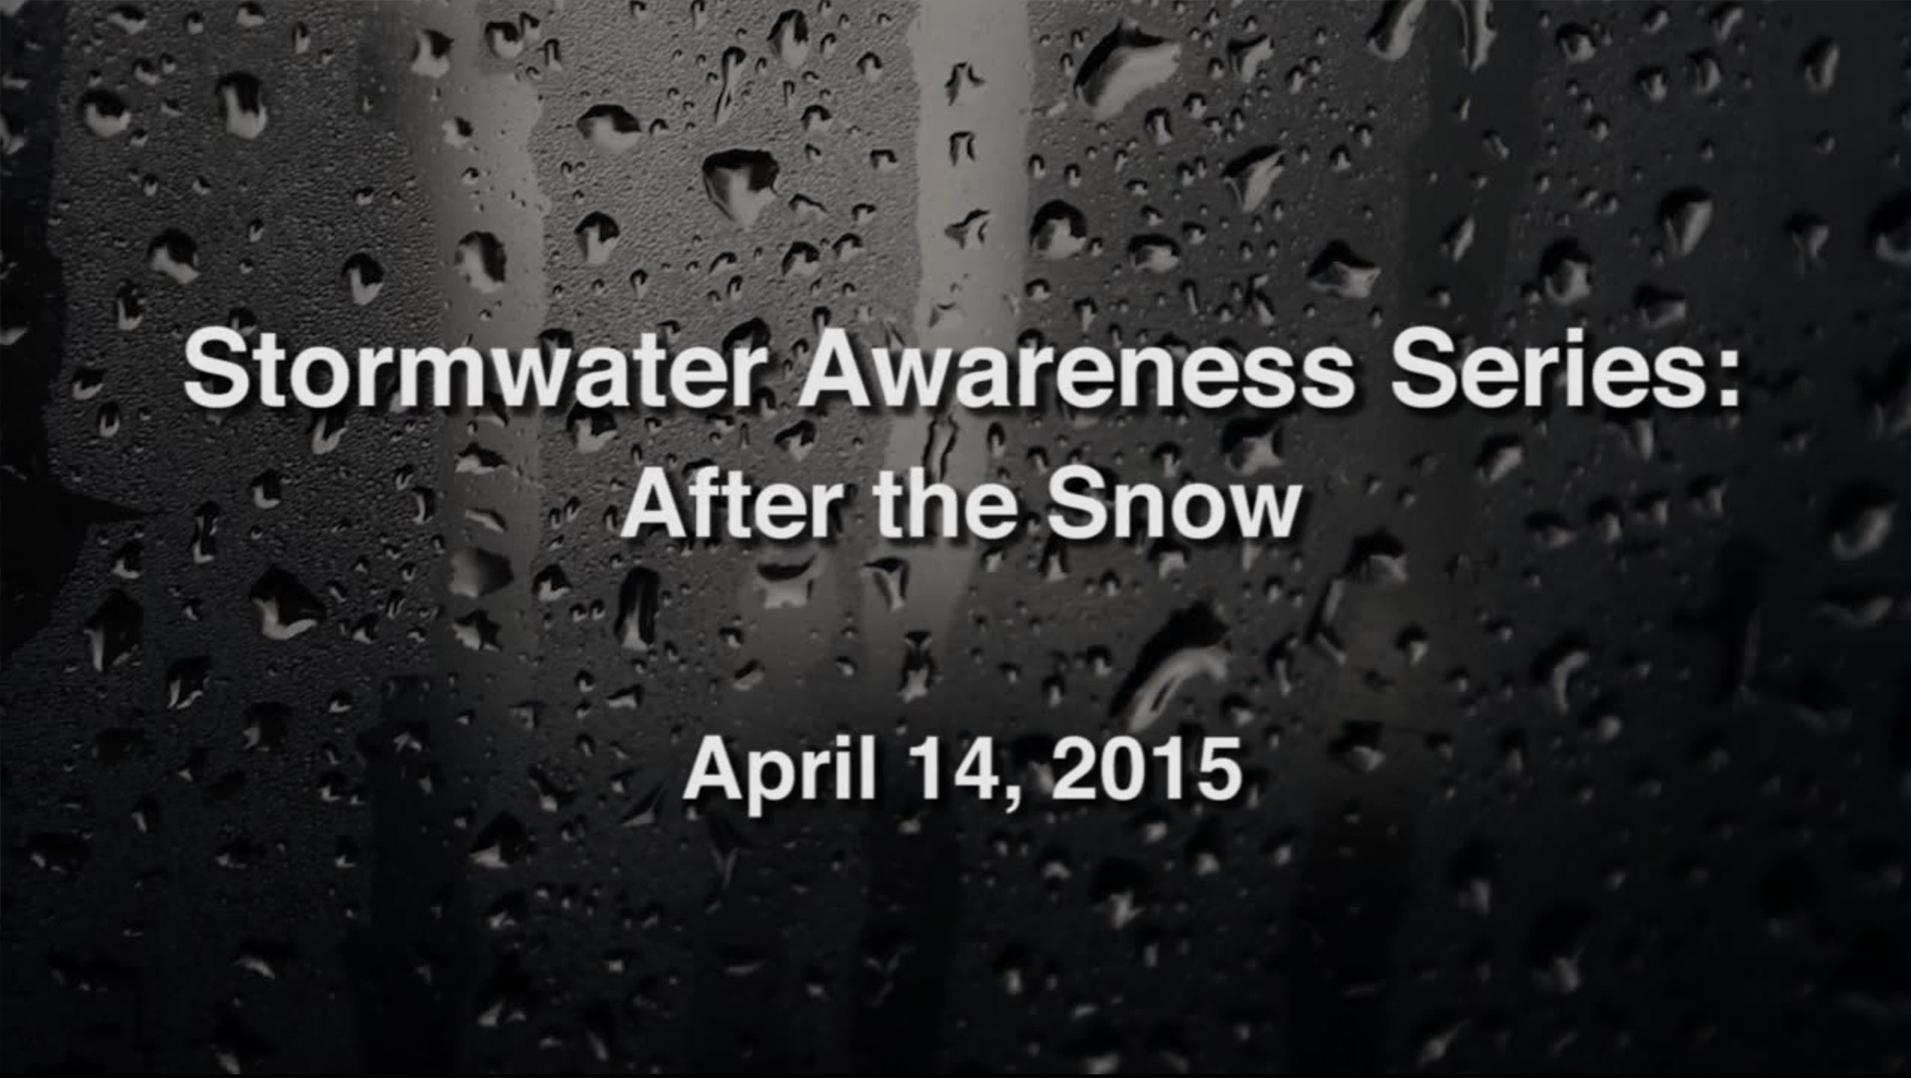 Stormwater Awareness Series: After the Snow – April 14, 2015